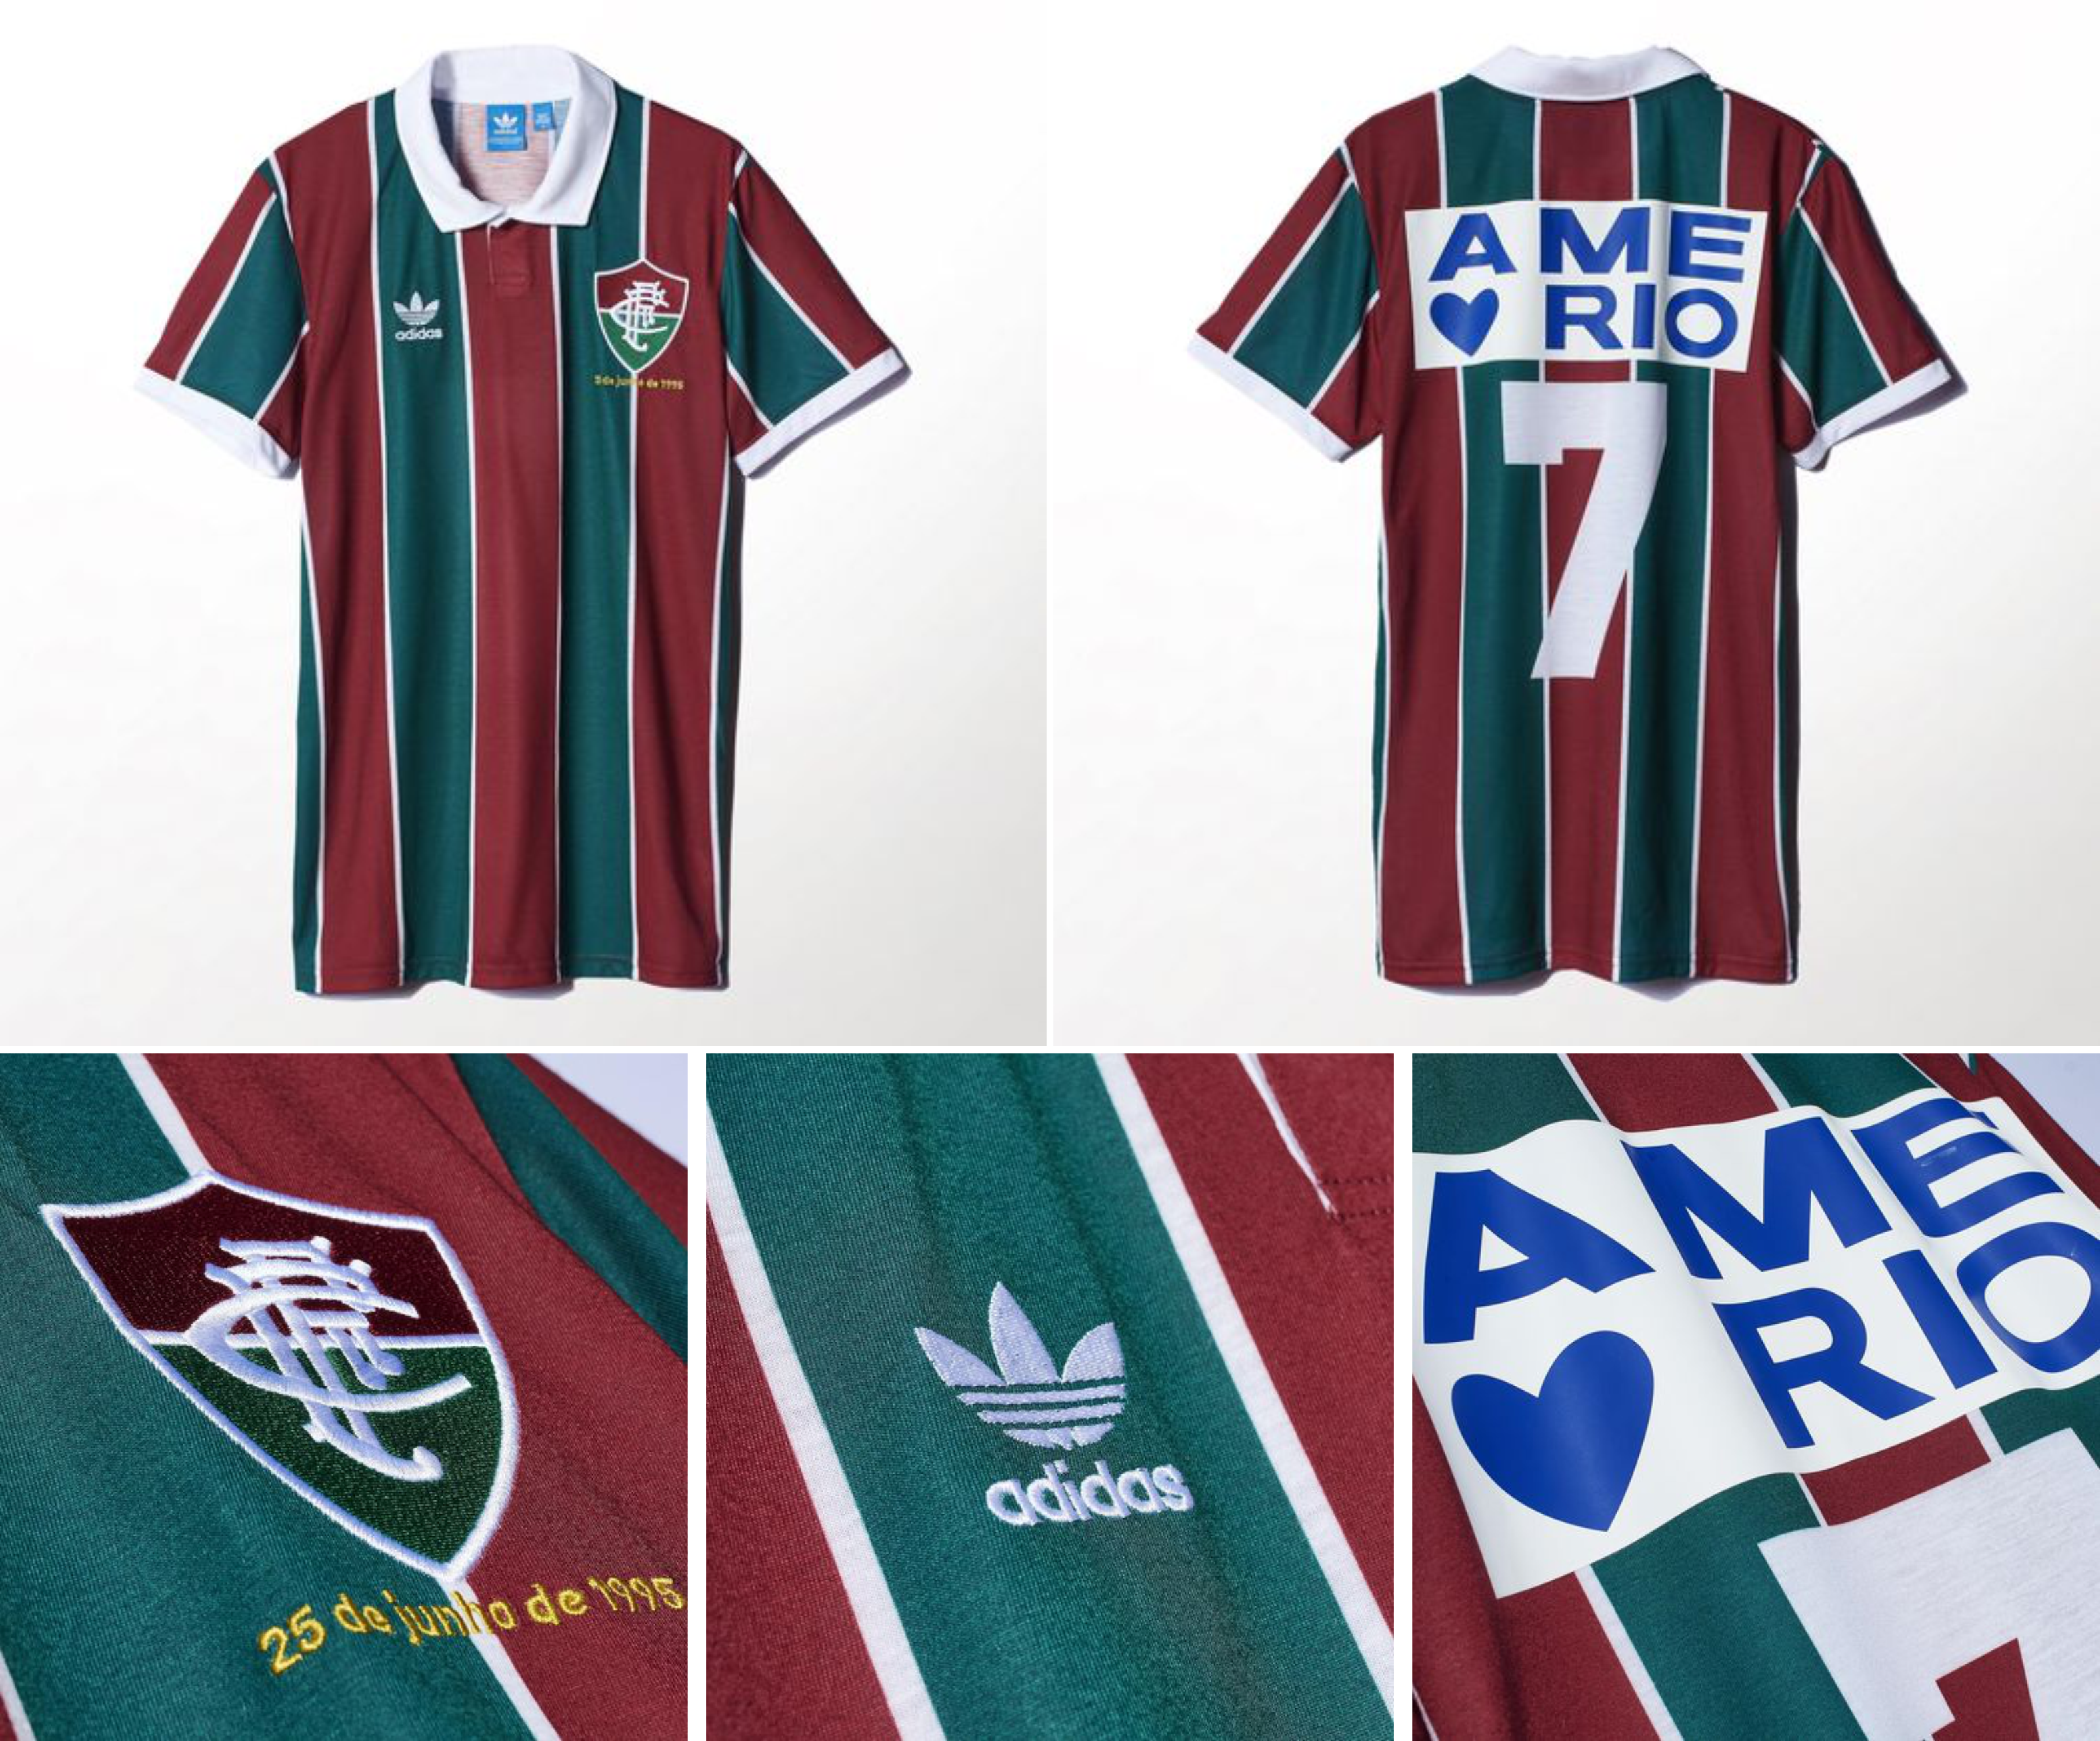 7034a224b5 Mais um excelente trabalho da Adidas para o Fluminense. Gostei muito do  novo kit away e do manto comemorativo. Não sei se as duas